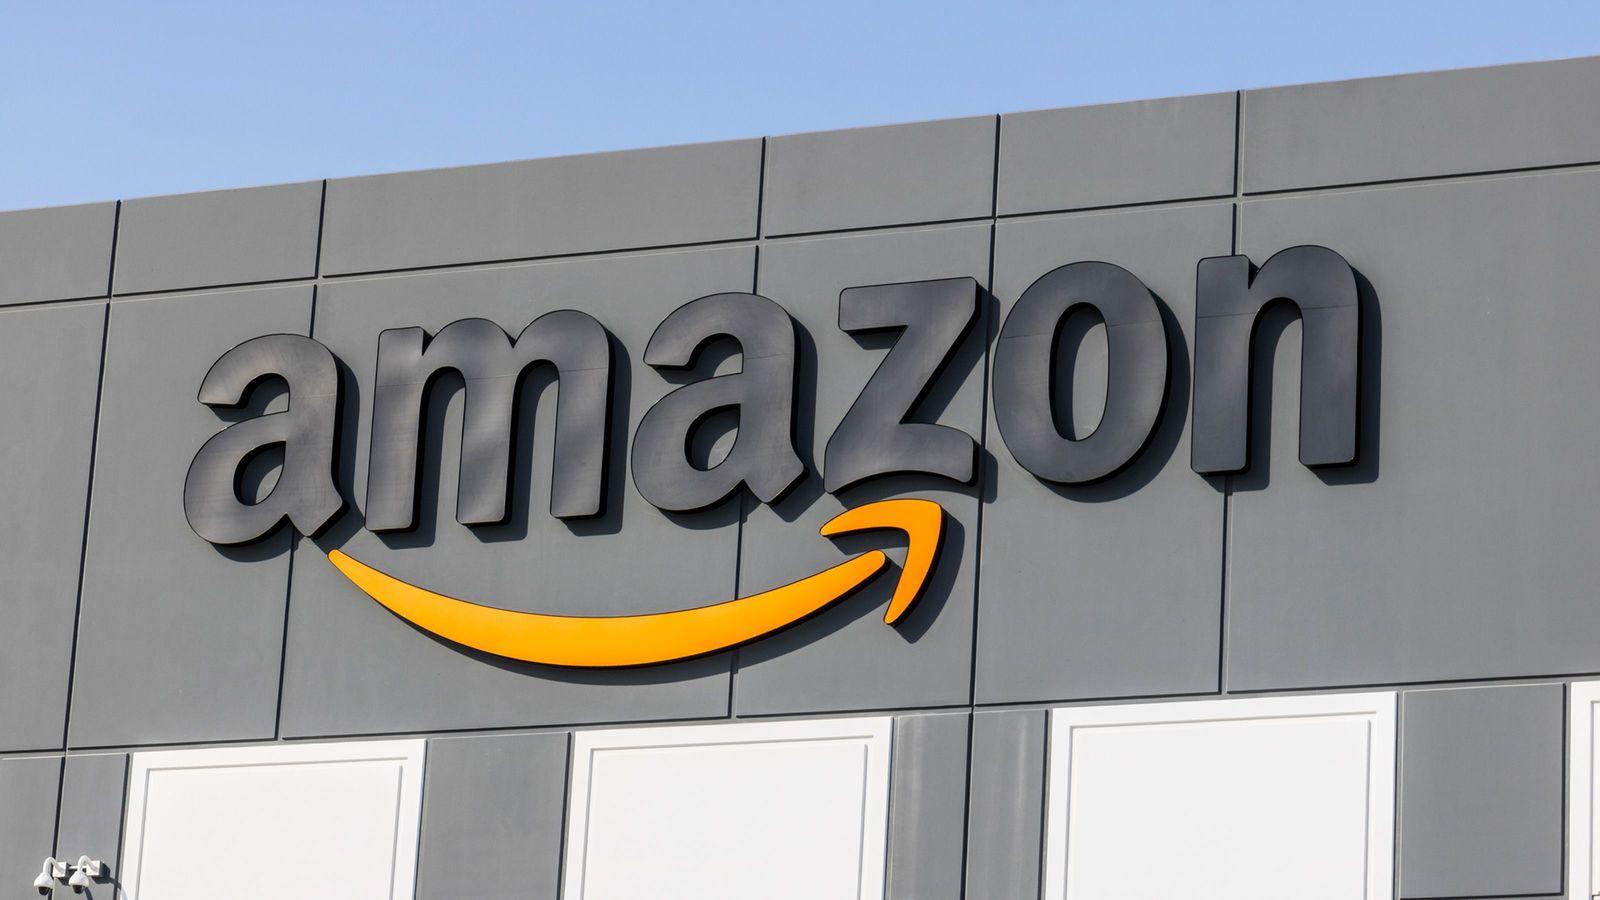 アマゾンが日本で法人税を納めずに済む仕掛け 「真空地帯」で利益をプールする